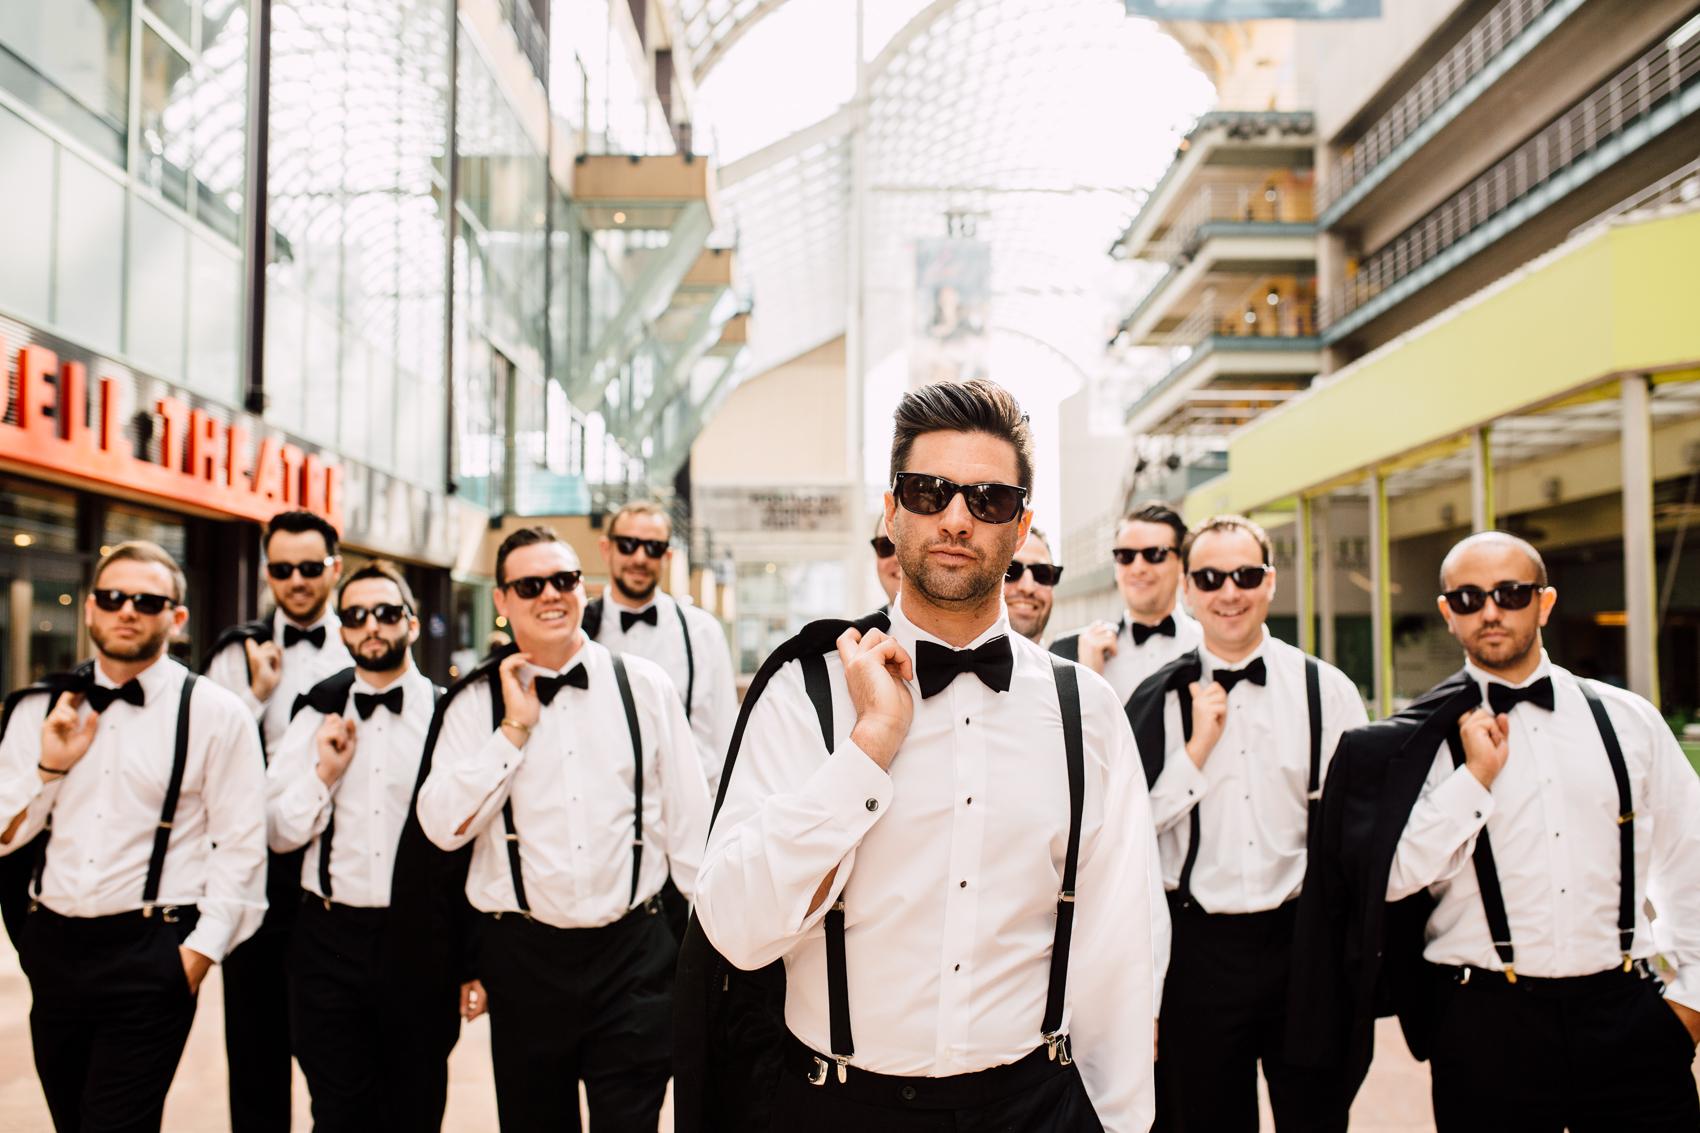 weddings-fth-21.jpg